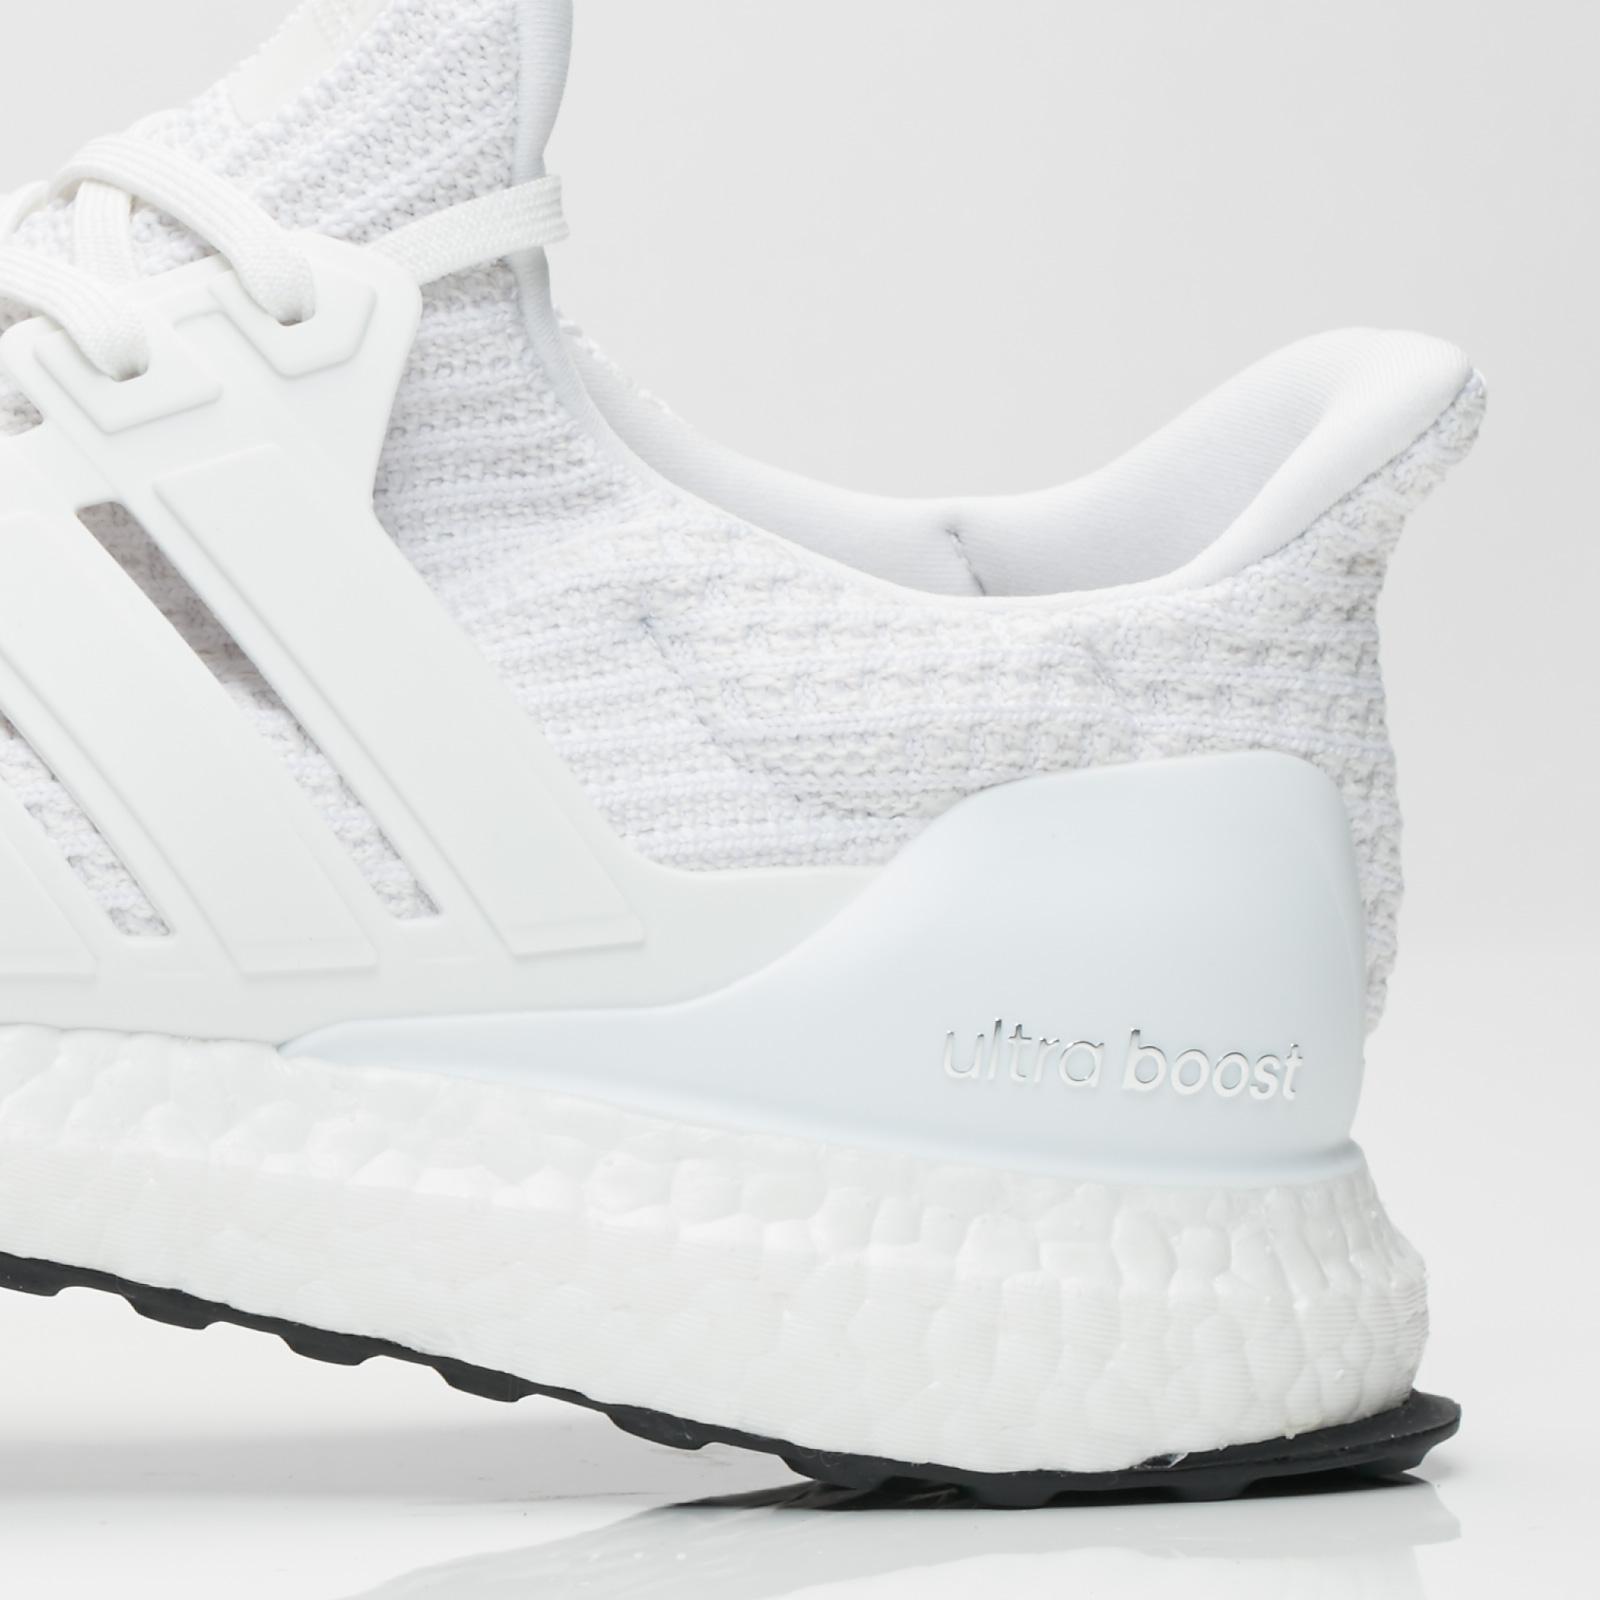 60852b74a96ff adidas UltraBOOST - Bb6168 - Sneakersnstuff